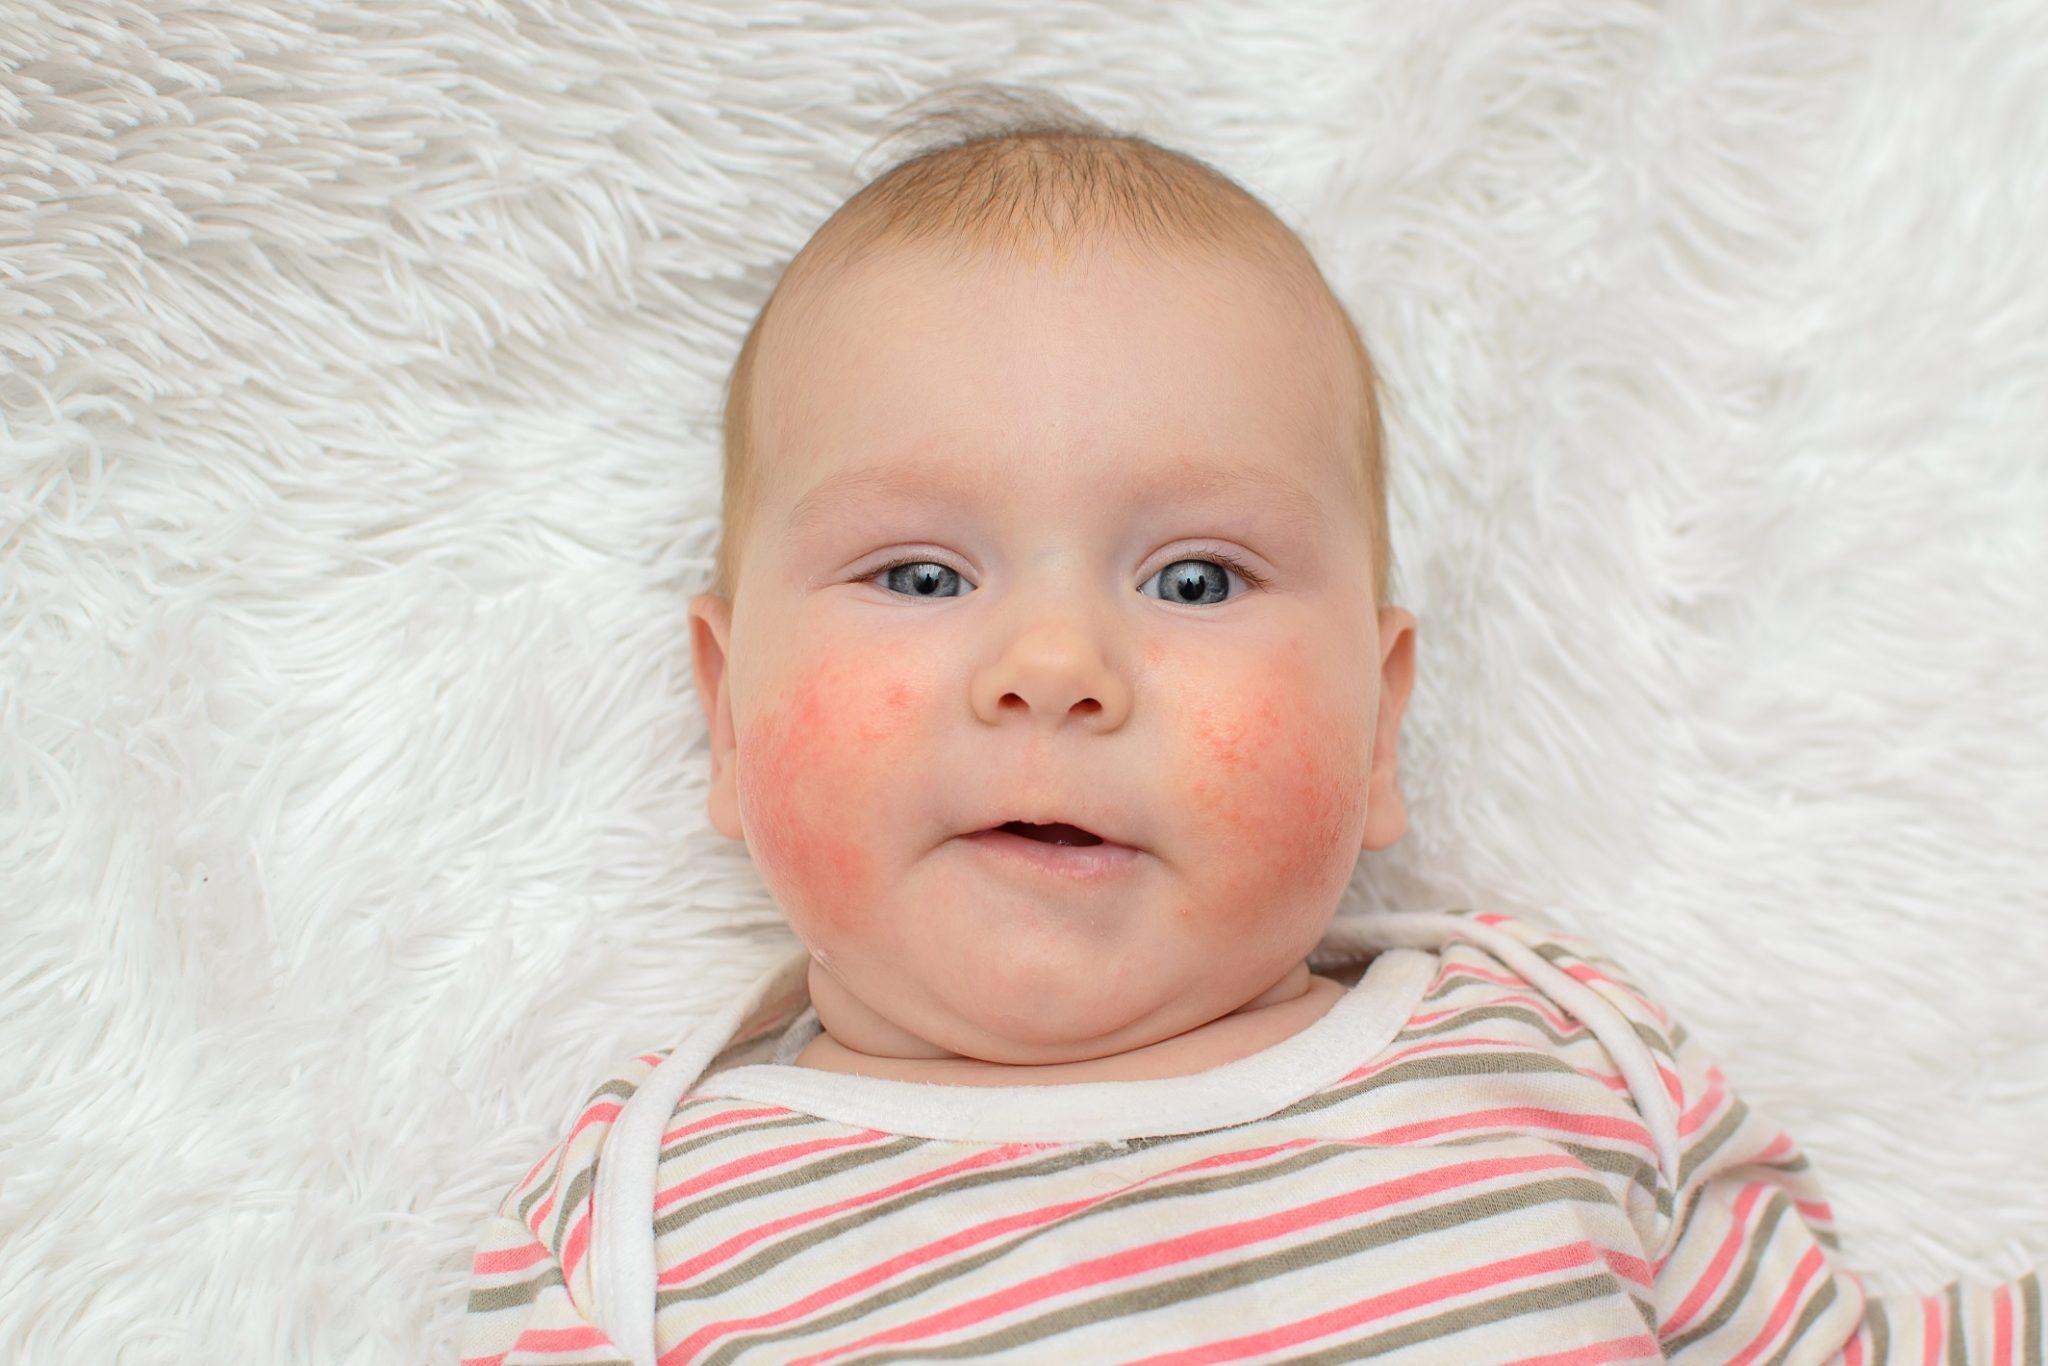 Кожные высыпания у младенца